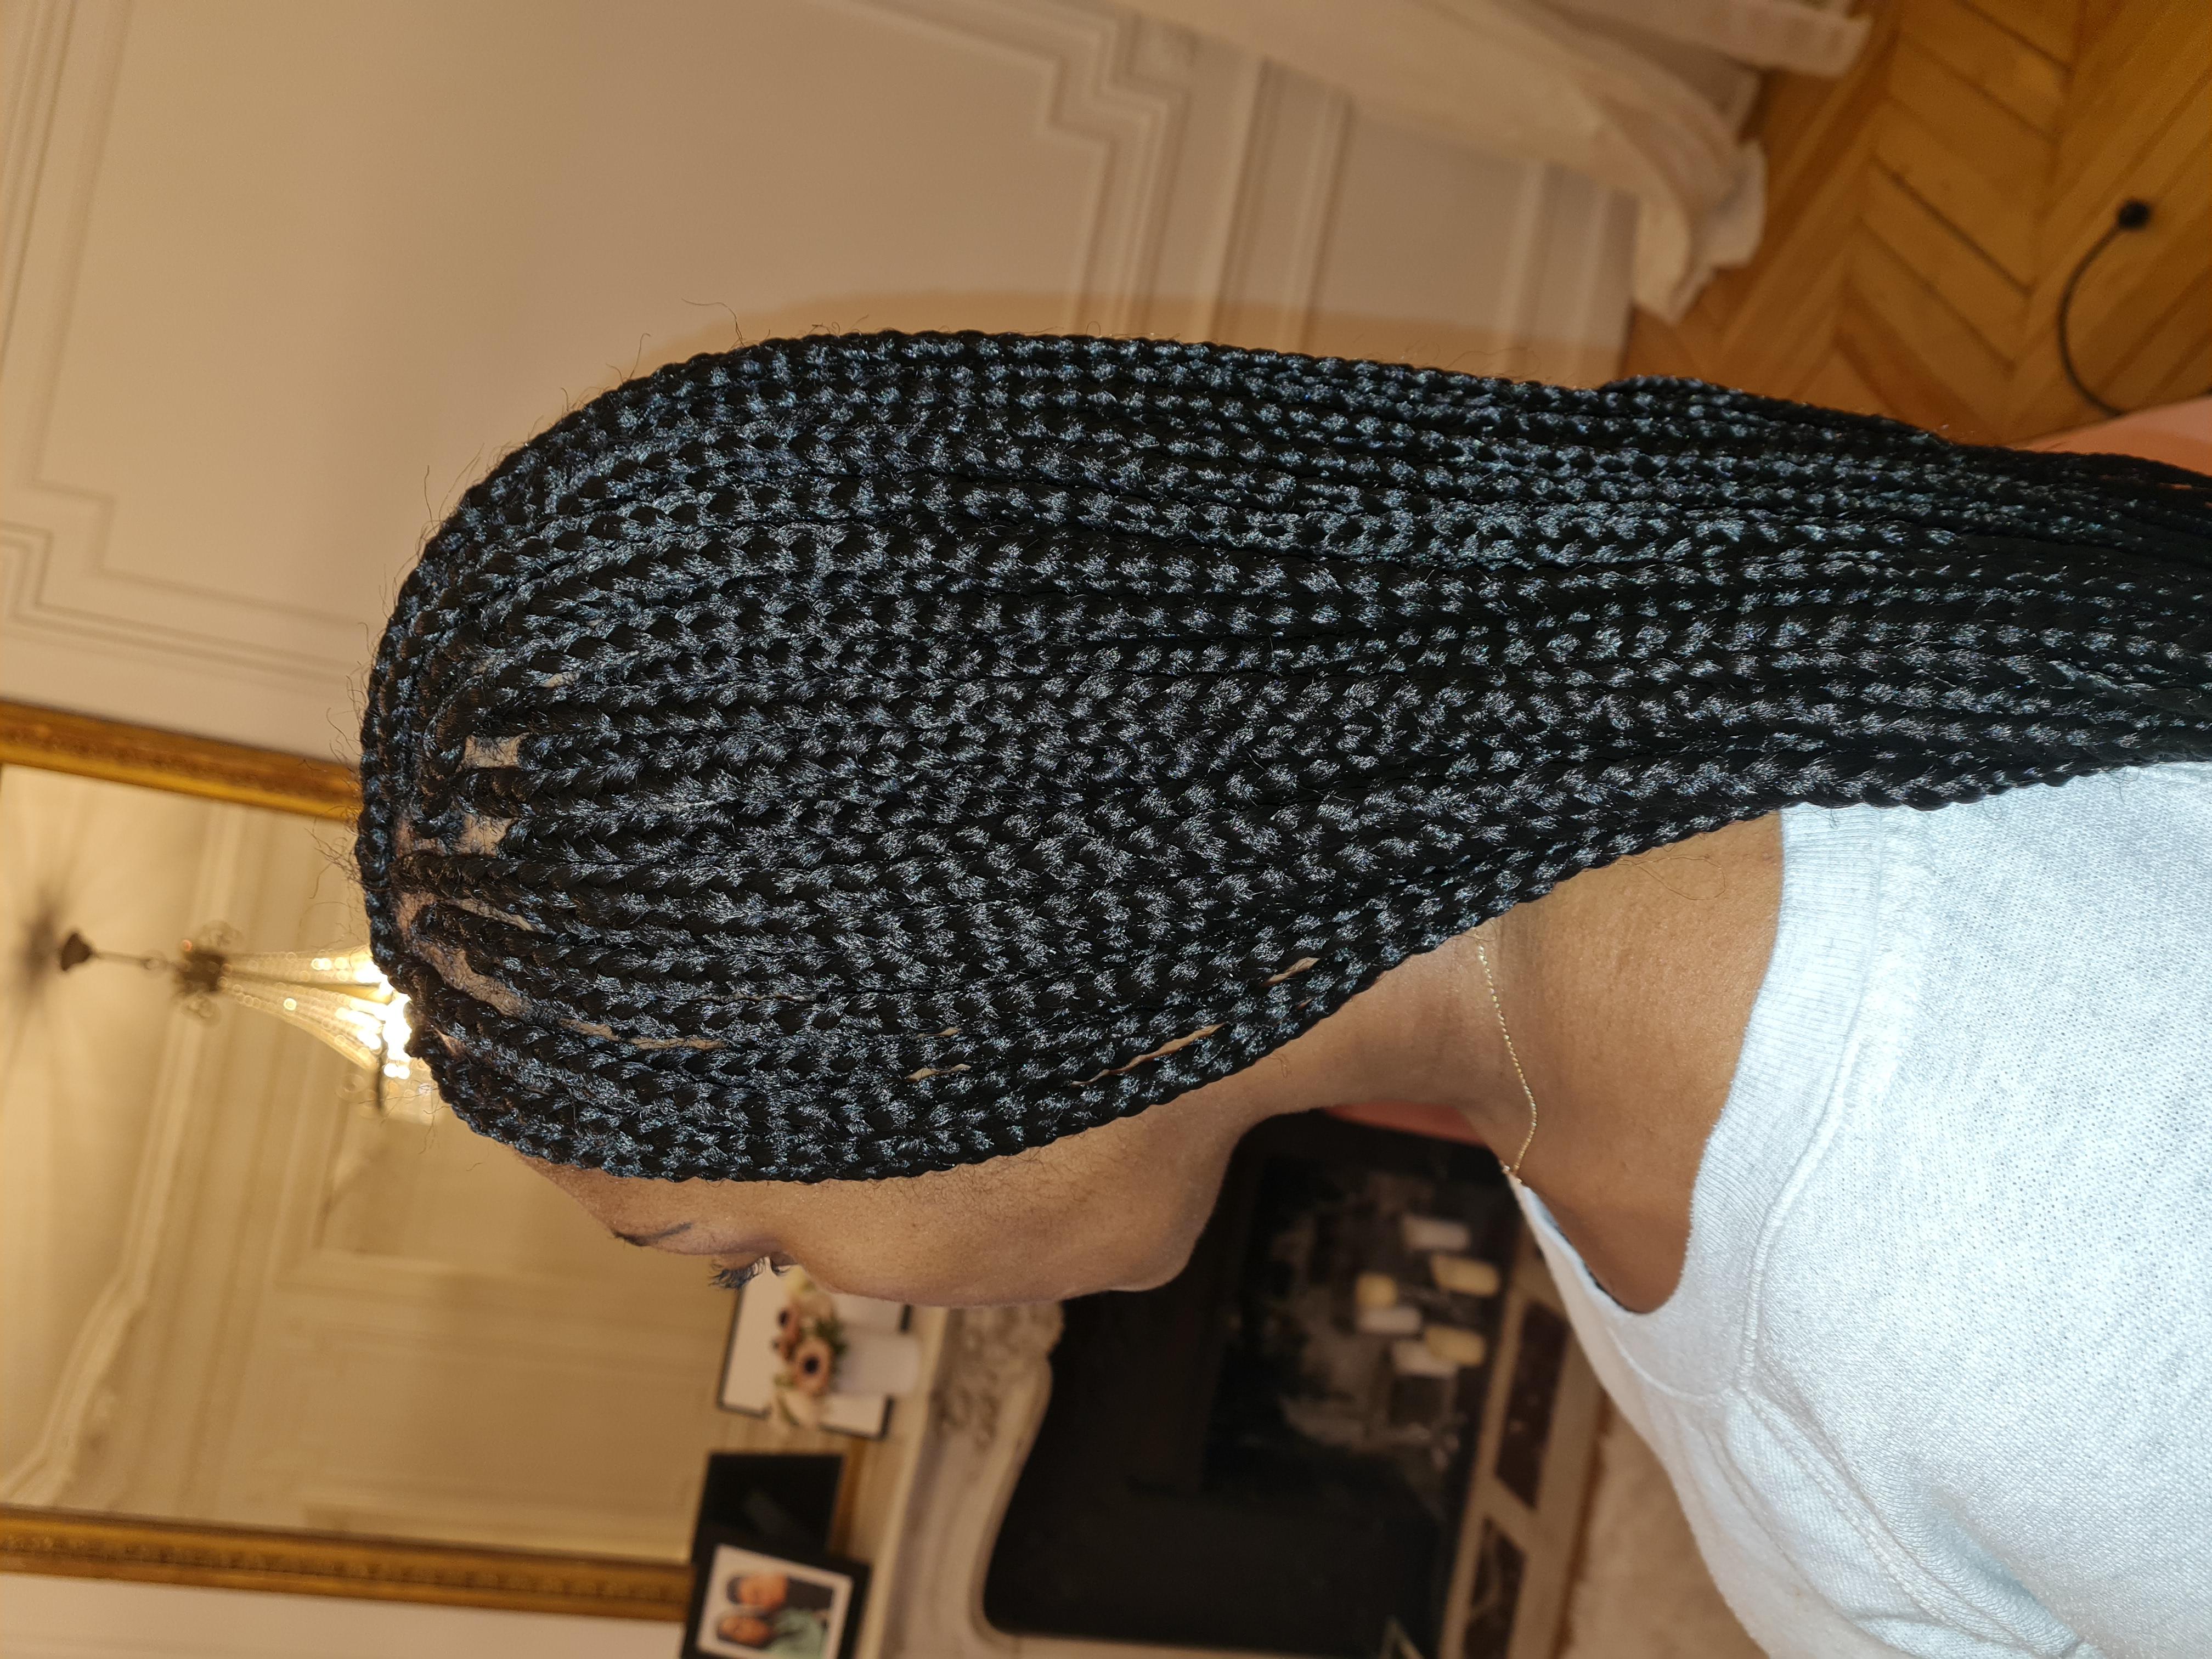 salon de coiffure afro tresse tresses box braids crochet braids vanilles tissages paris 75 77 78 91 92 93 94 95 RQJUOACL